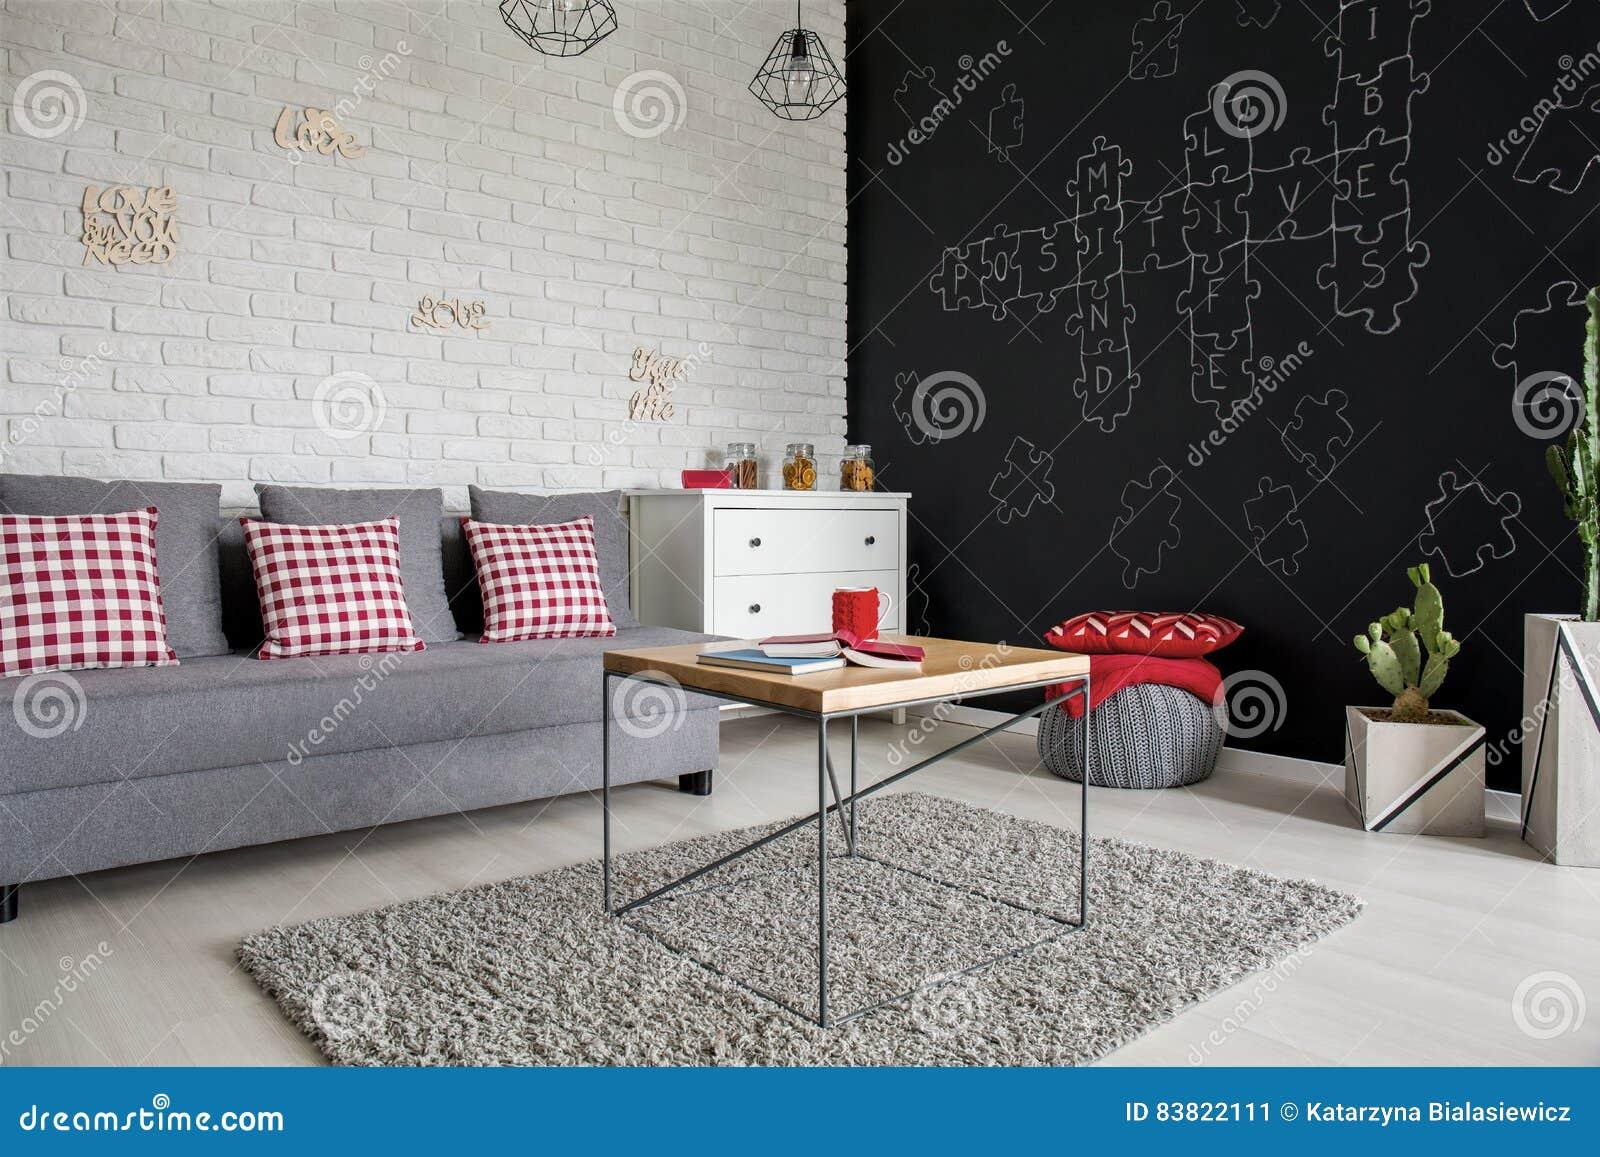 Download Wohnzimmer Mit Tafelwand Stockbild. Bild Von Haus, Farbe   83822111